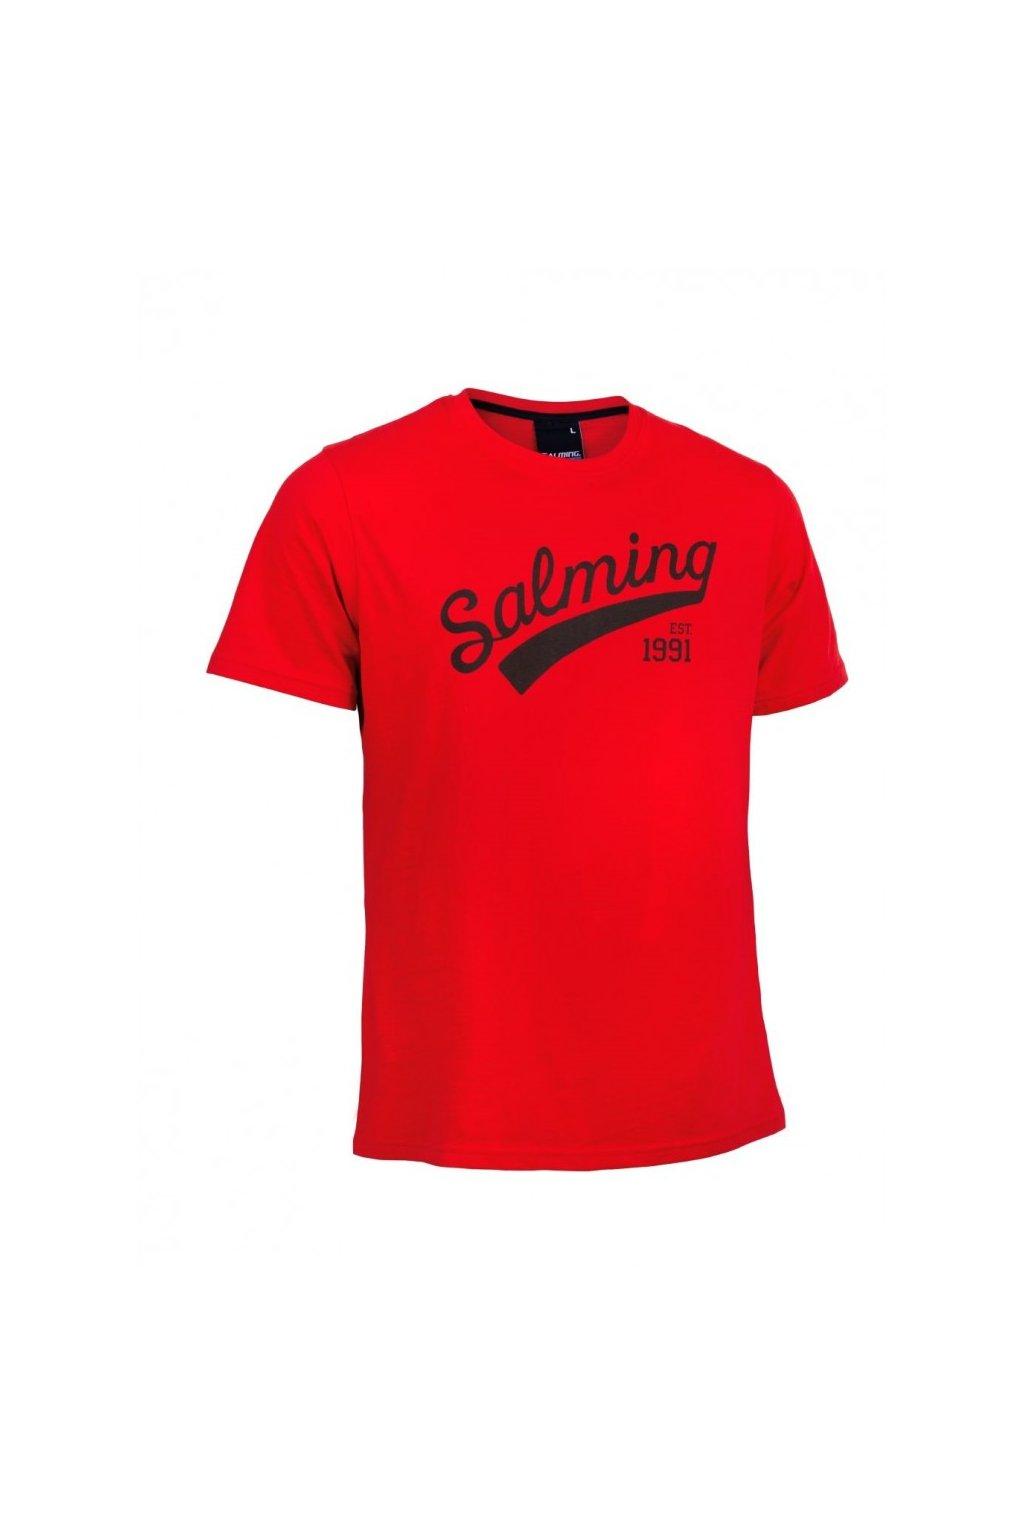 salming logo tee (3)